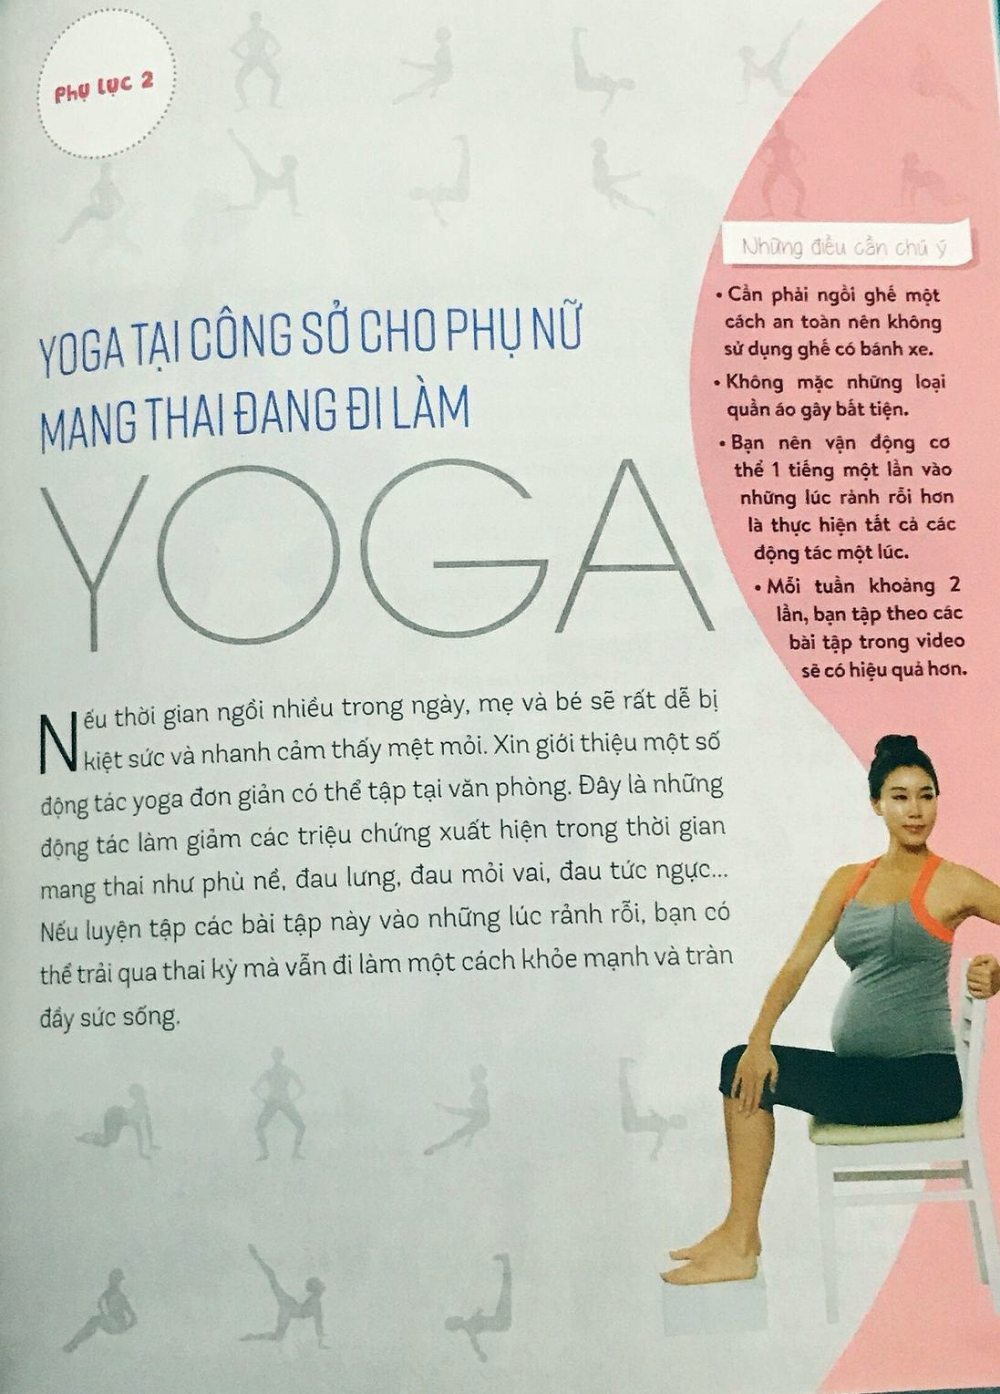 Yoga cho bà bầu: Sách hay mẹ cần đọc ngay